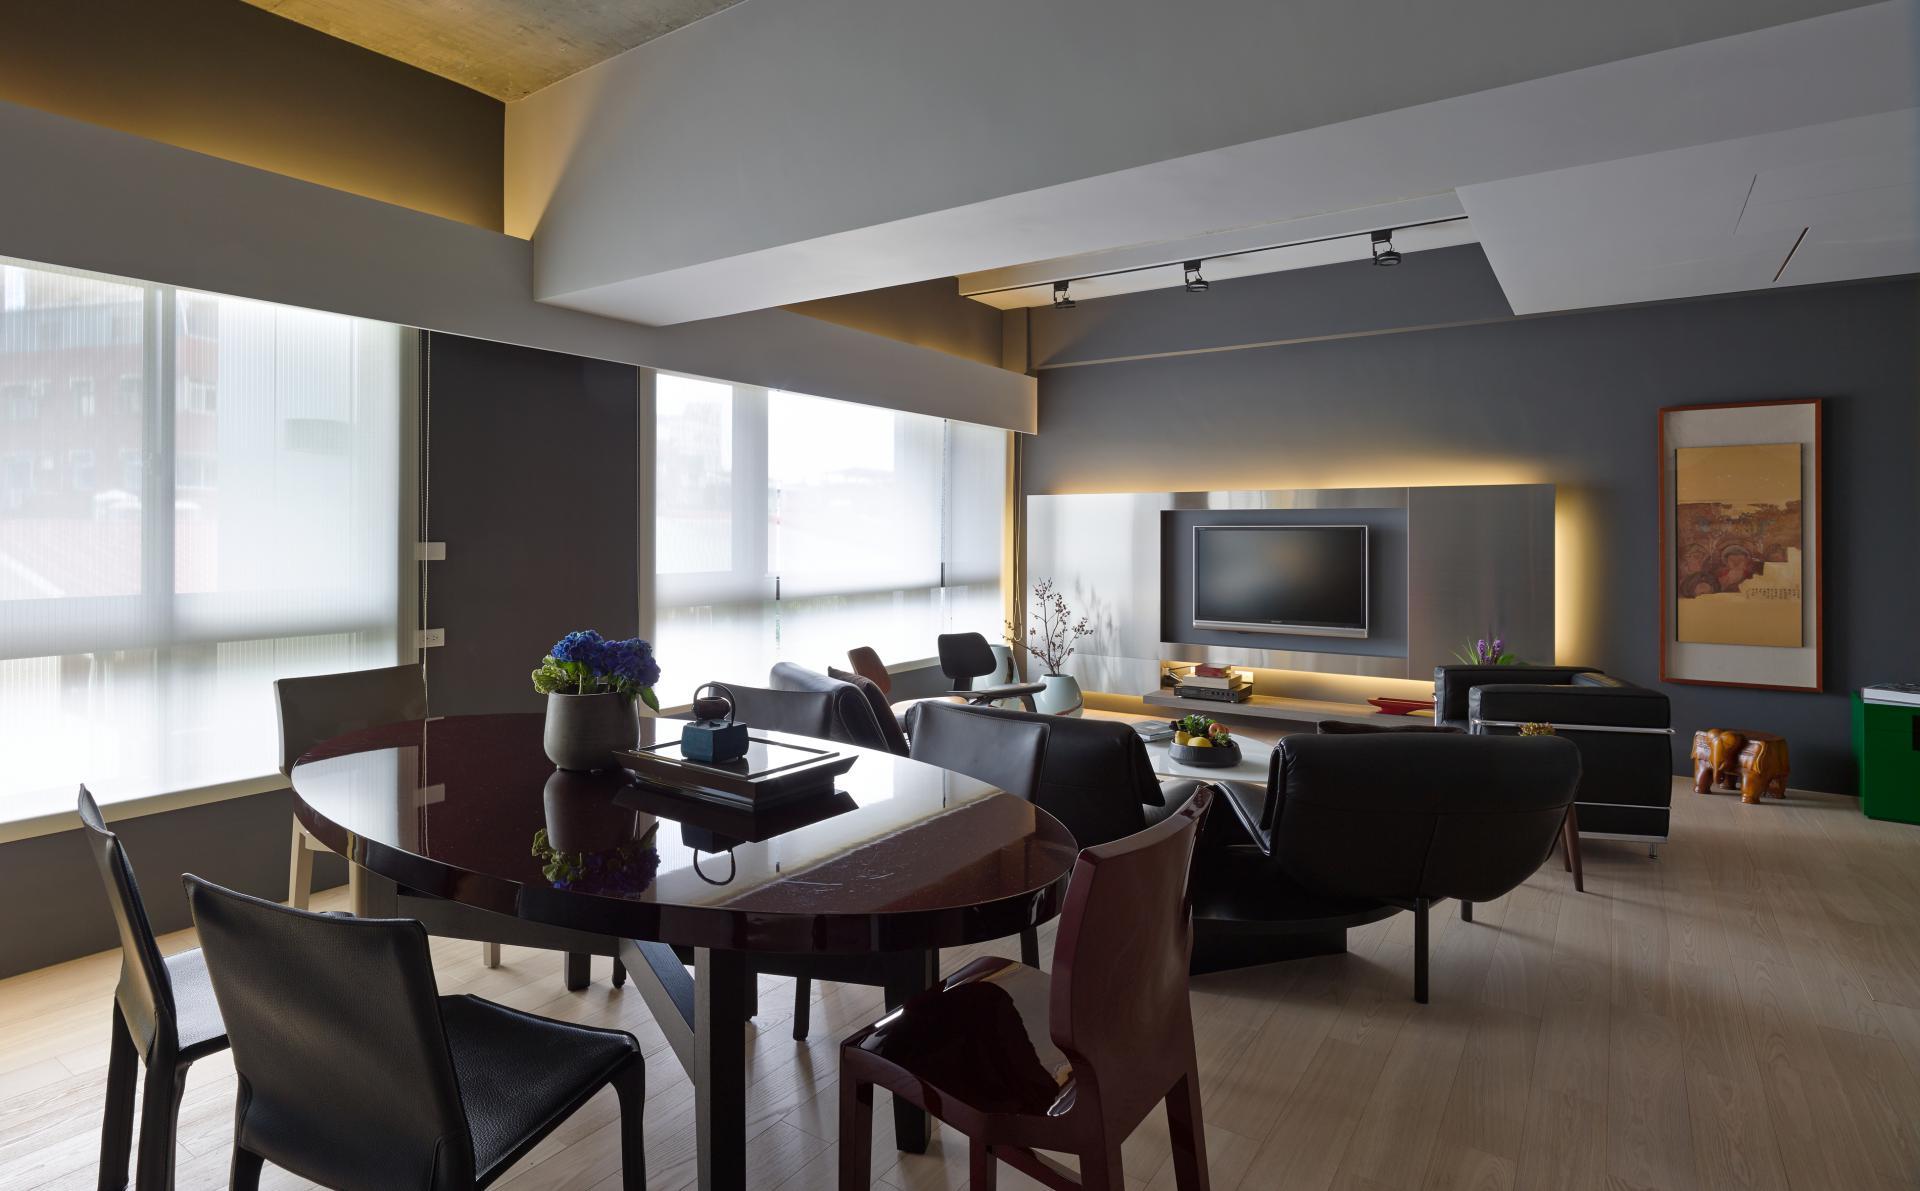 Wedo thiết kế nội thất phòng ăn và phòng khách đẹp lấy cảm hứng từ thiên nhiên